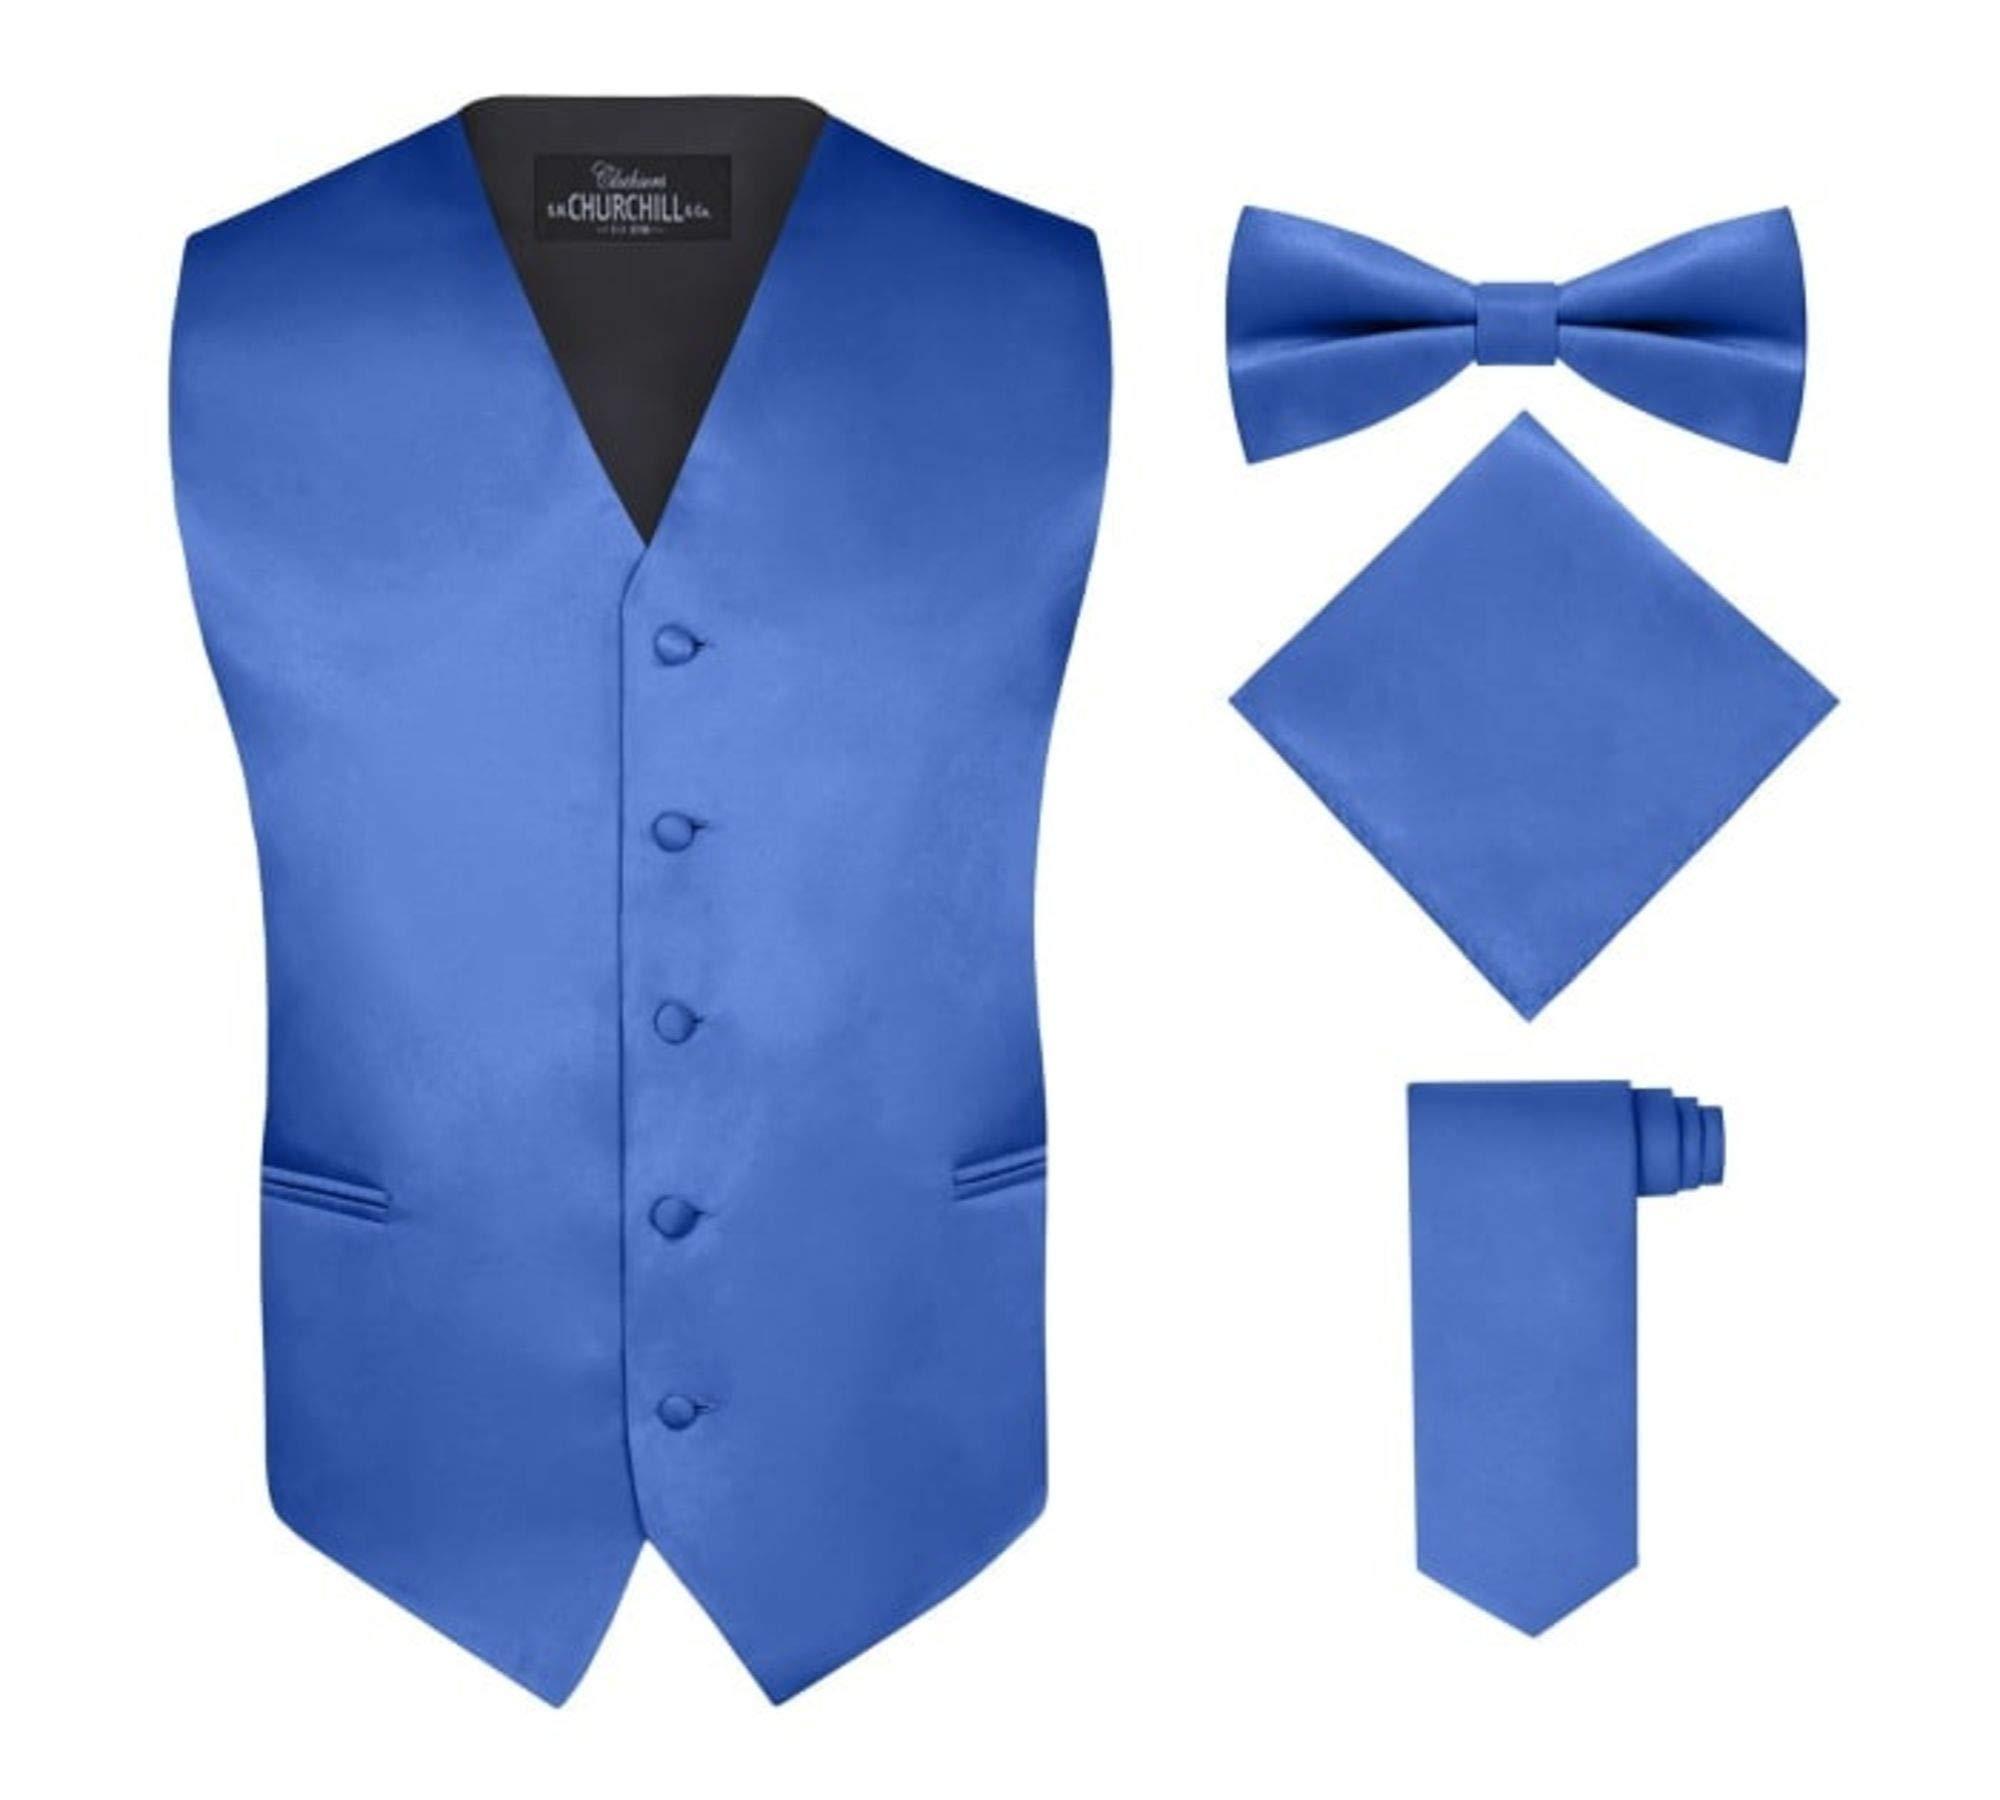 S.H. Churchill & Co. Men's 4 Piece Vest Set, with Bow Tie, Neck Tie & Pocket Hankie - Royal Blue, L